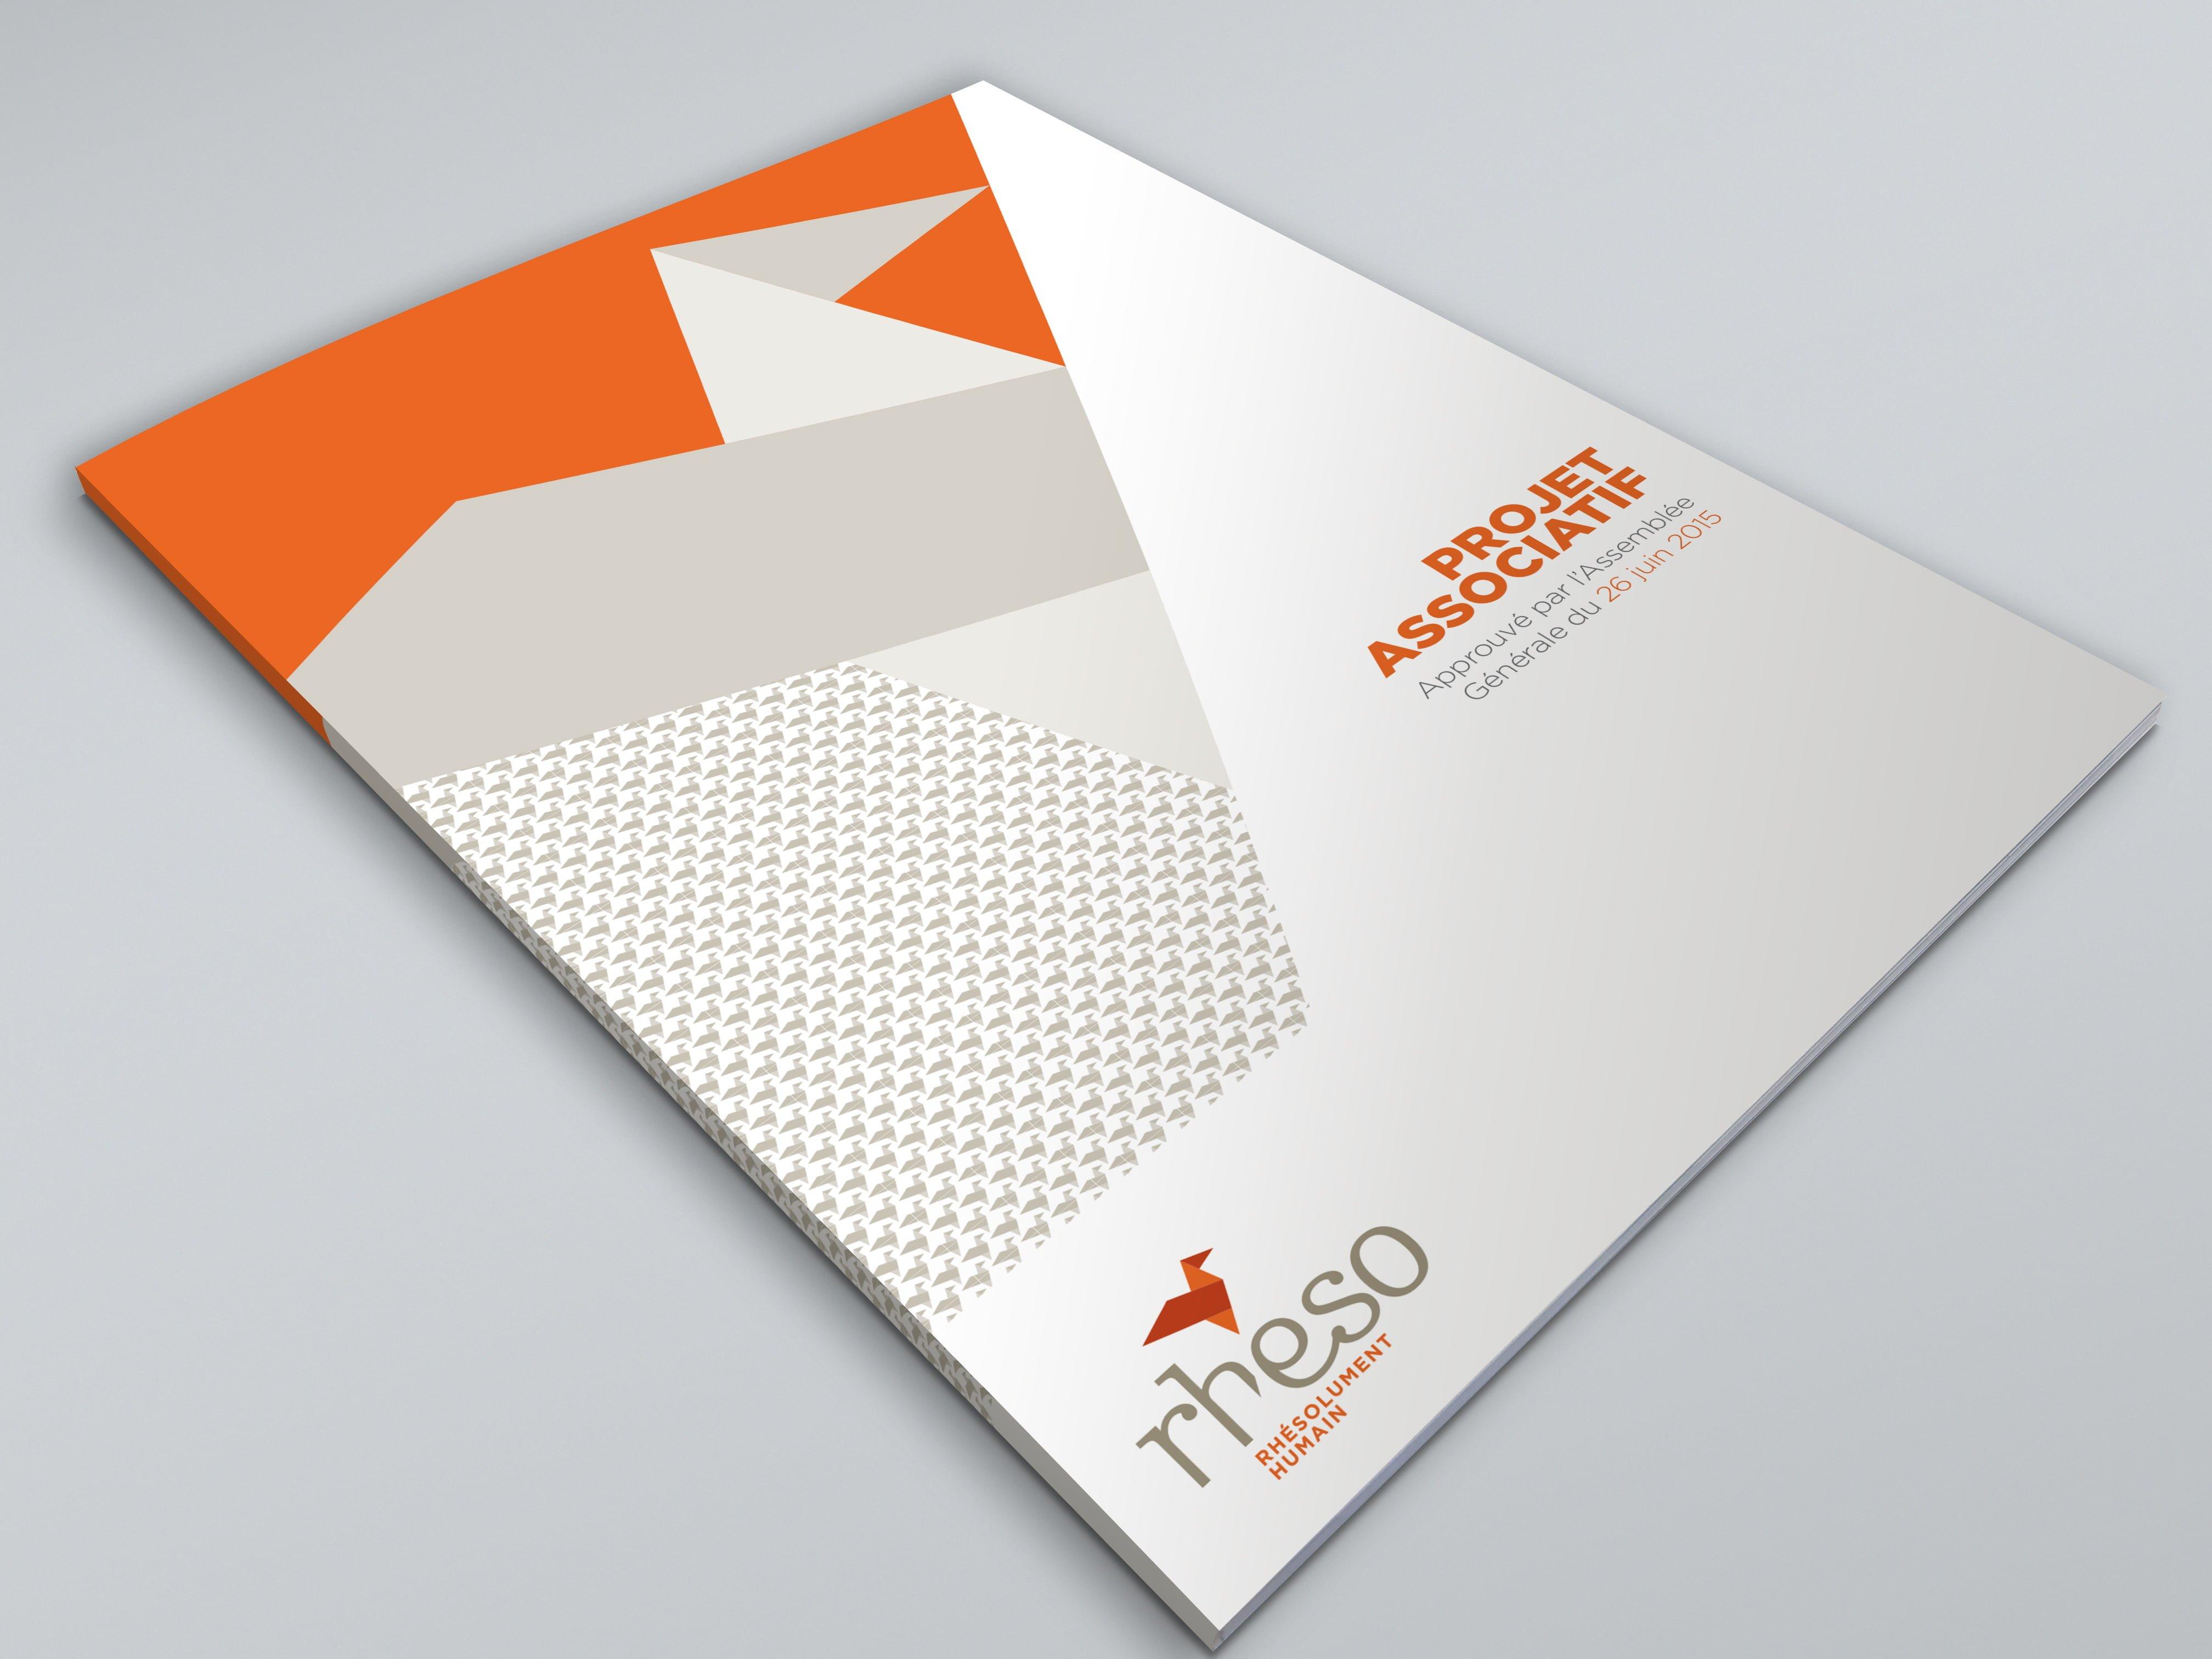 Conception graphique en edition pour l'association Rheso